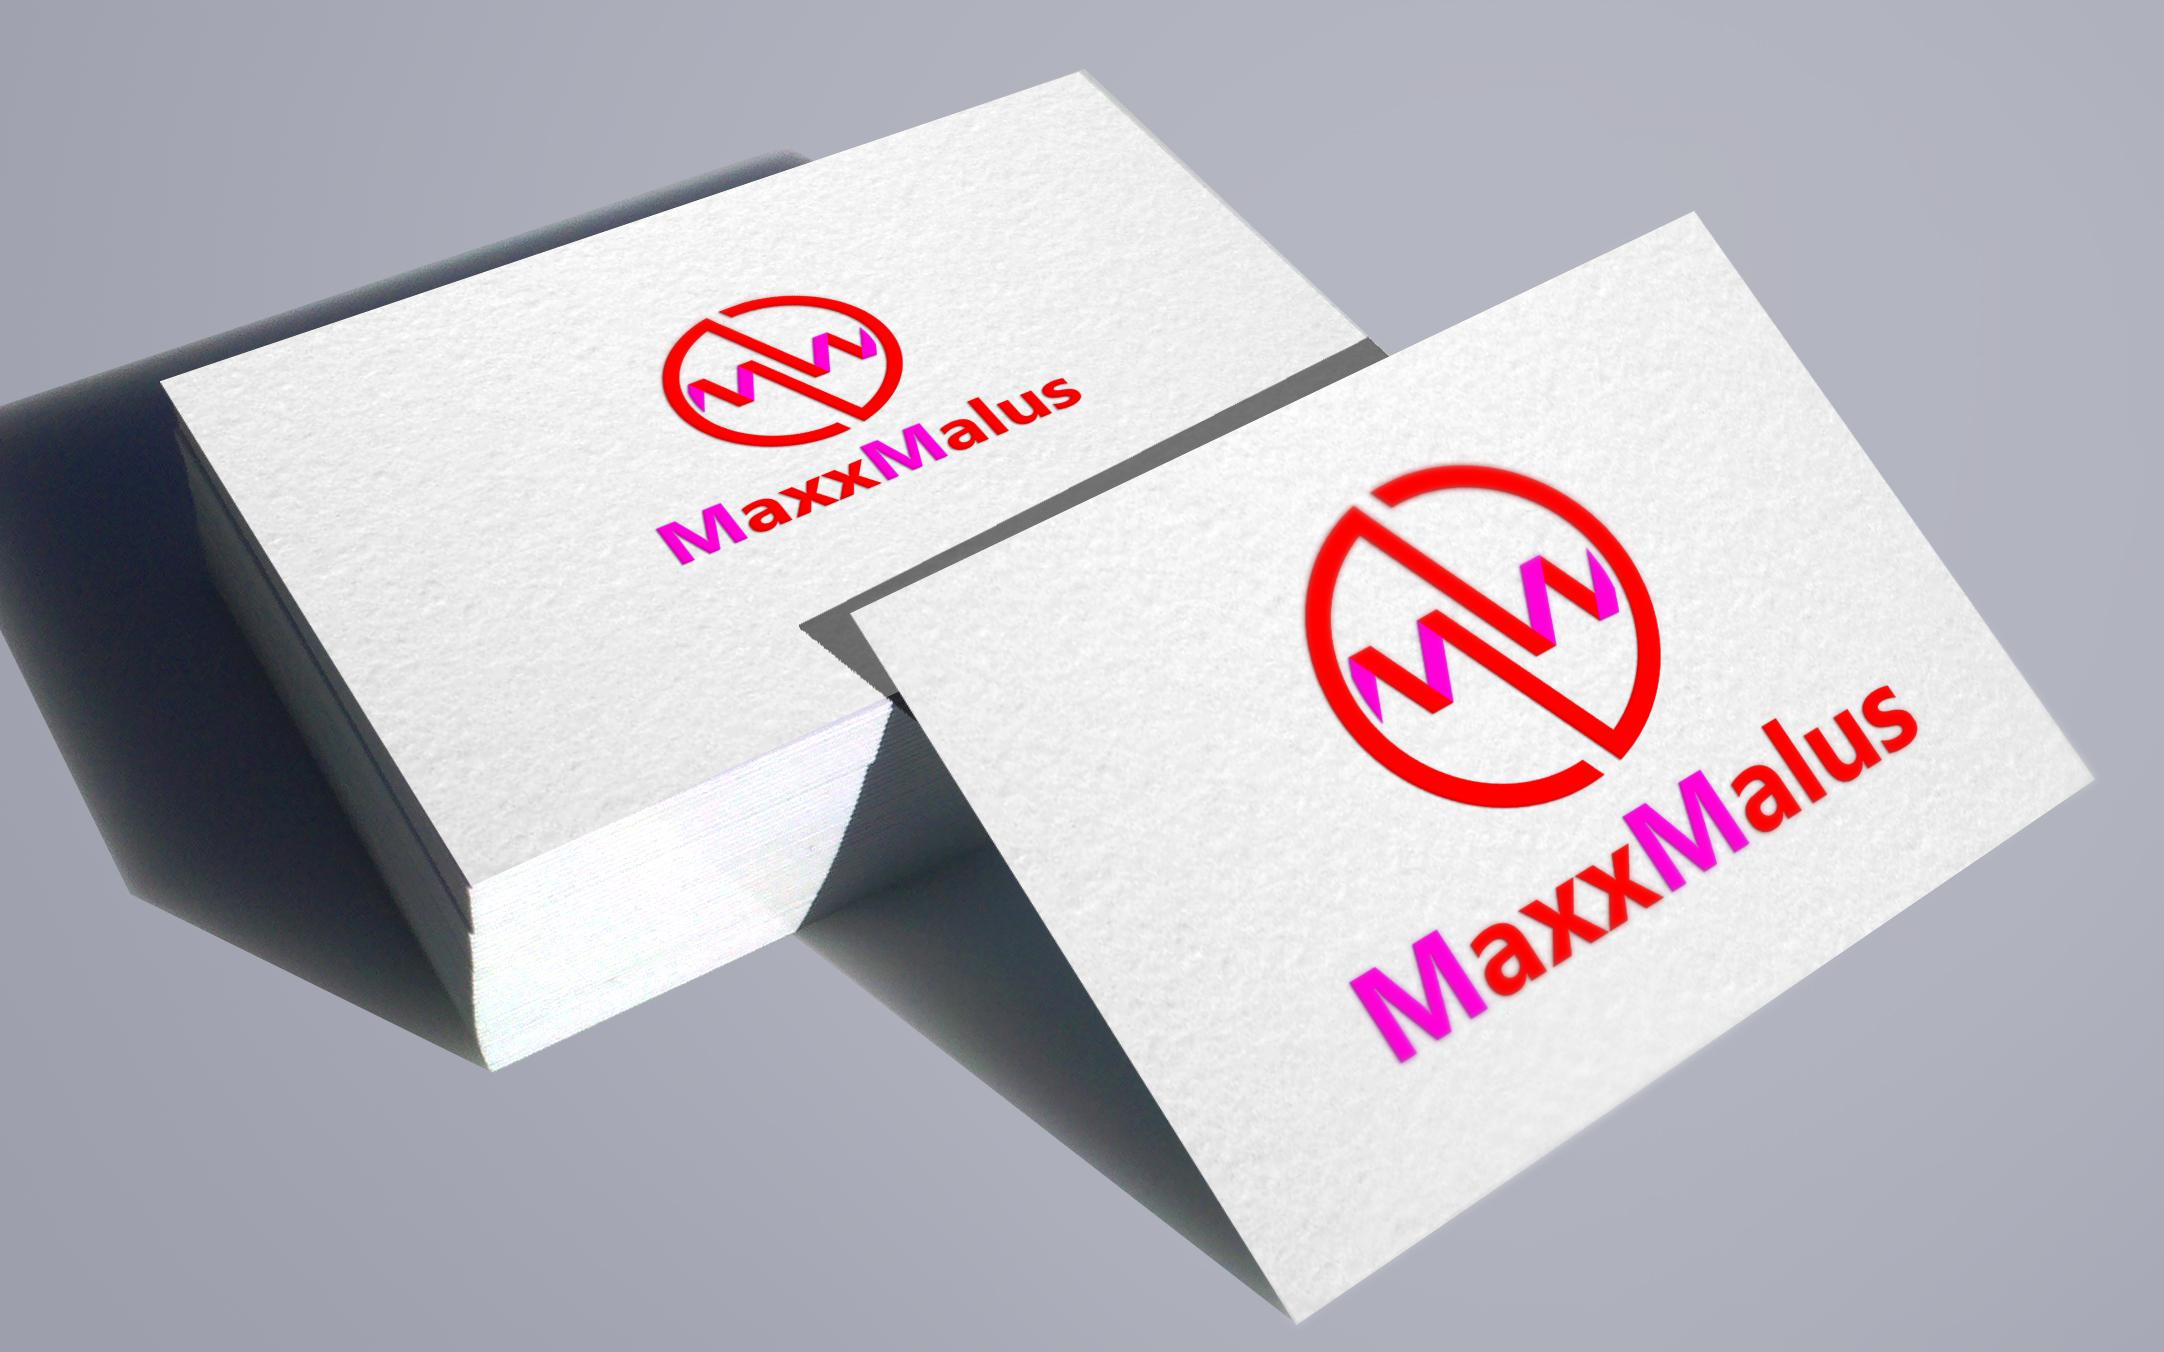 Логотип для нового бренда повседневной посуды фото f_9545b9edfbab3135.jpg